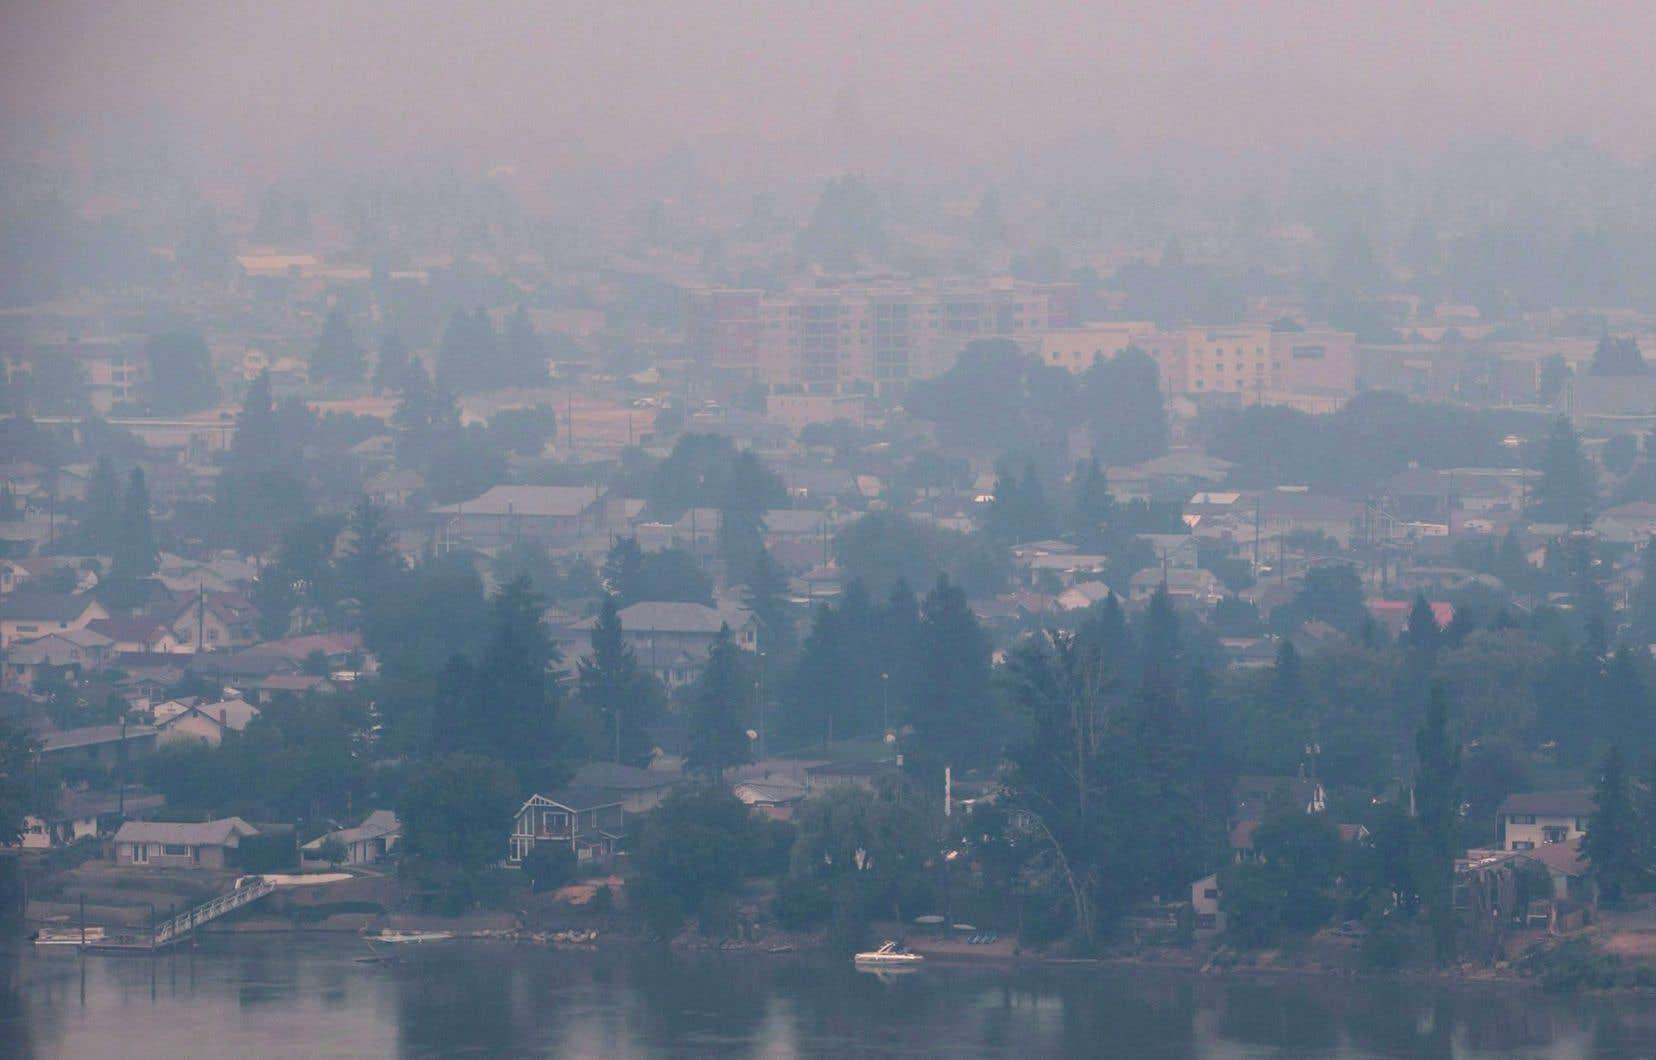 La ville de Kamloops, entre autres, subit les contrecoups des nombreux feux de forêt qui ravagent le territoire. Ci-dessus, la ville encerclée par la fumée, le 10 juillet dernier.